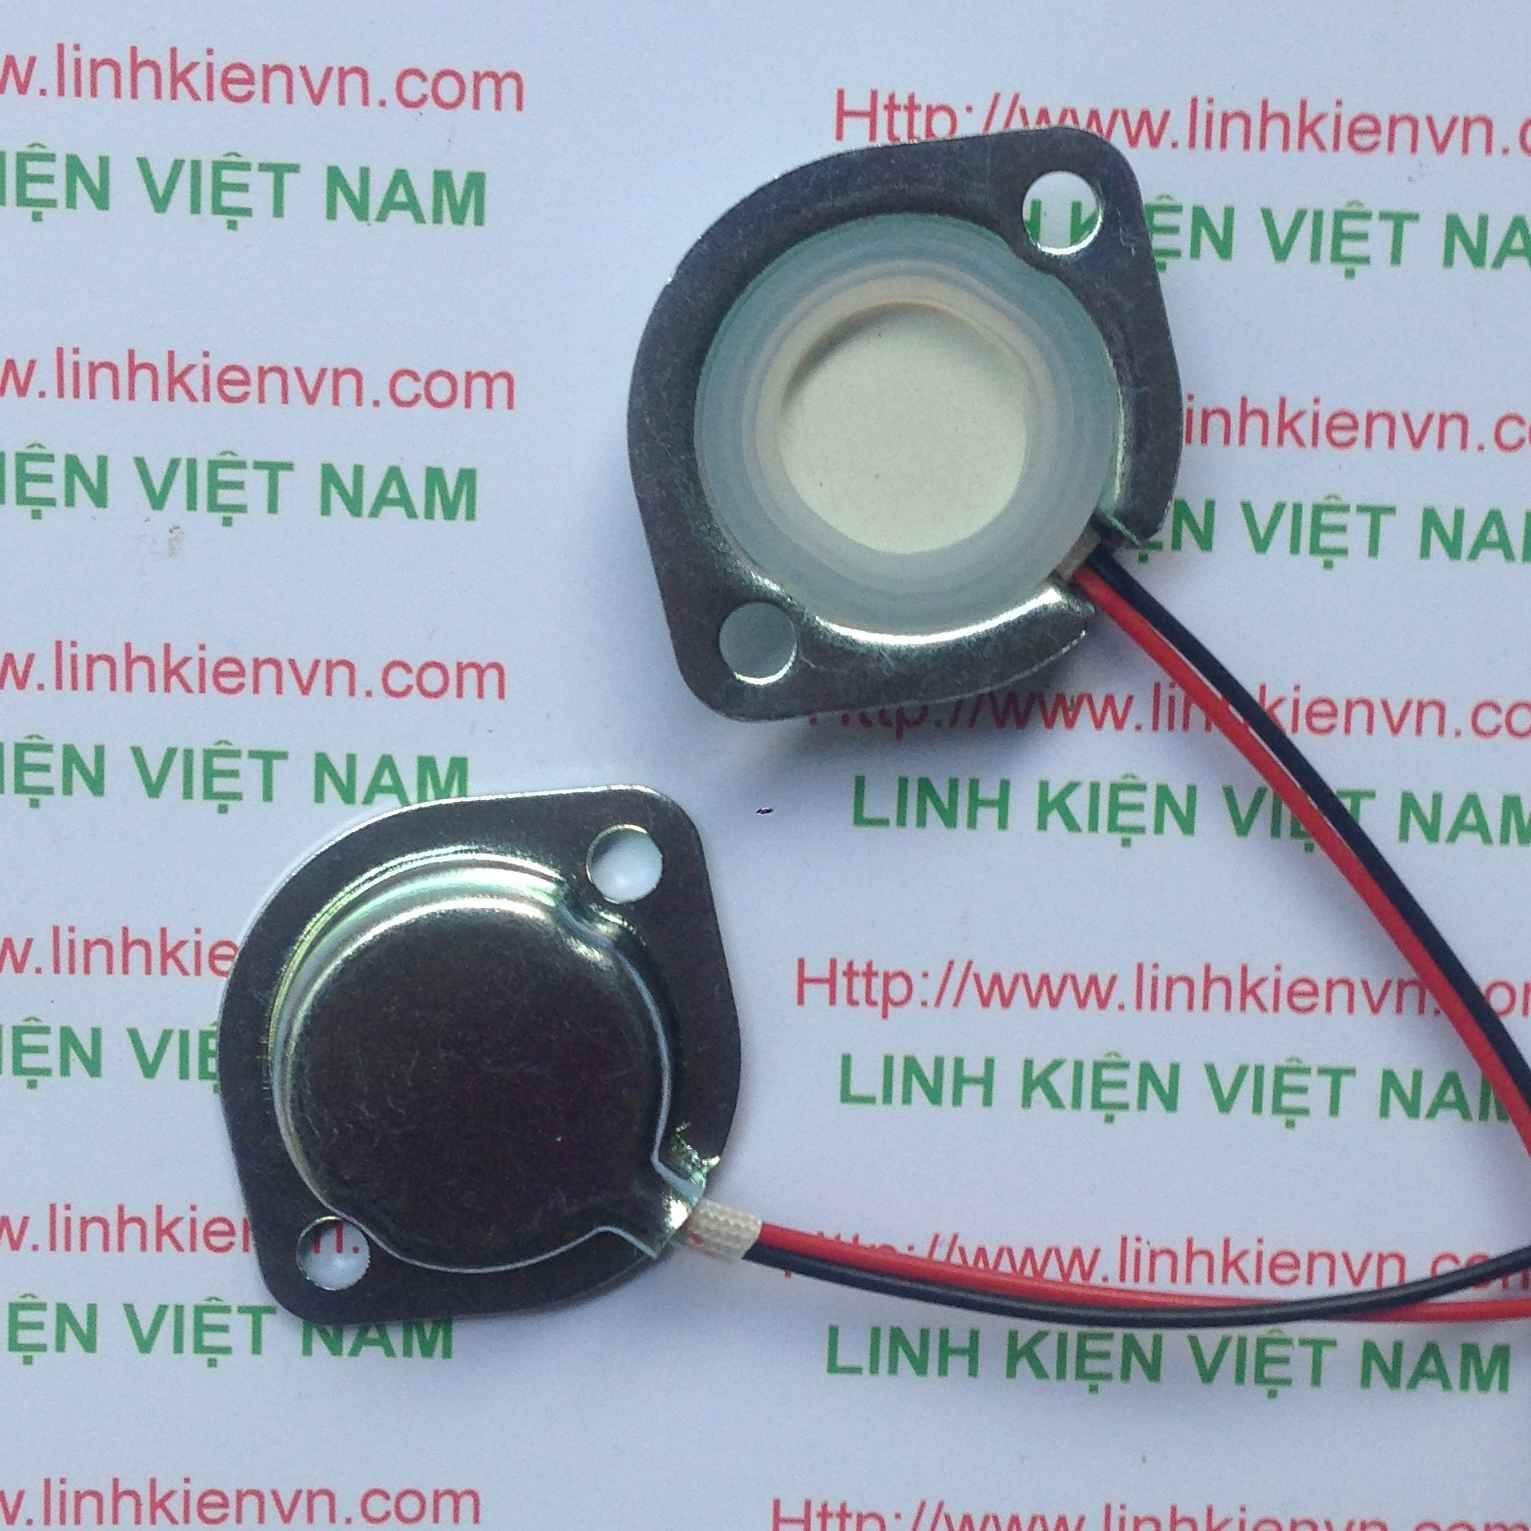 Đầu phun sương 20mm có vỏ bọc sắt / Loa siêu âm / Loa phun sương / Loa thạch anh / Loa siêu âm phun sương 1.7 MHZ - D2H20+D1H20